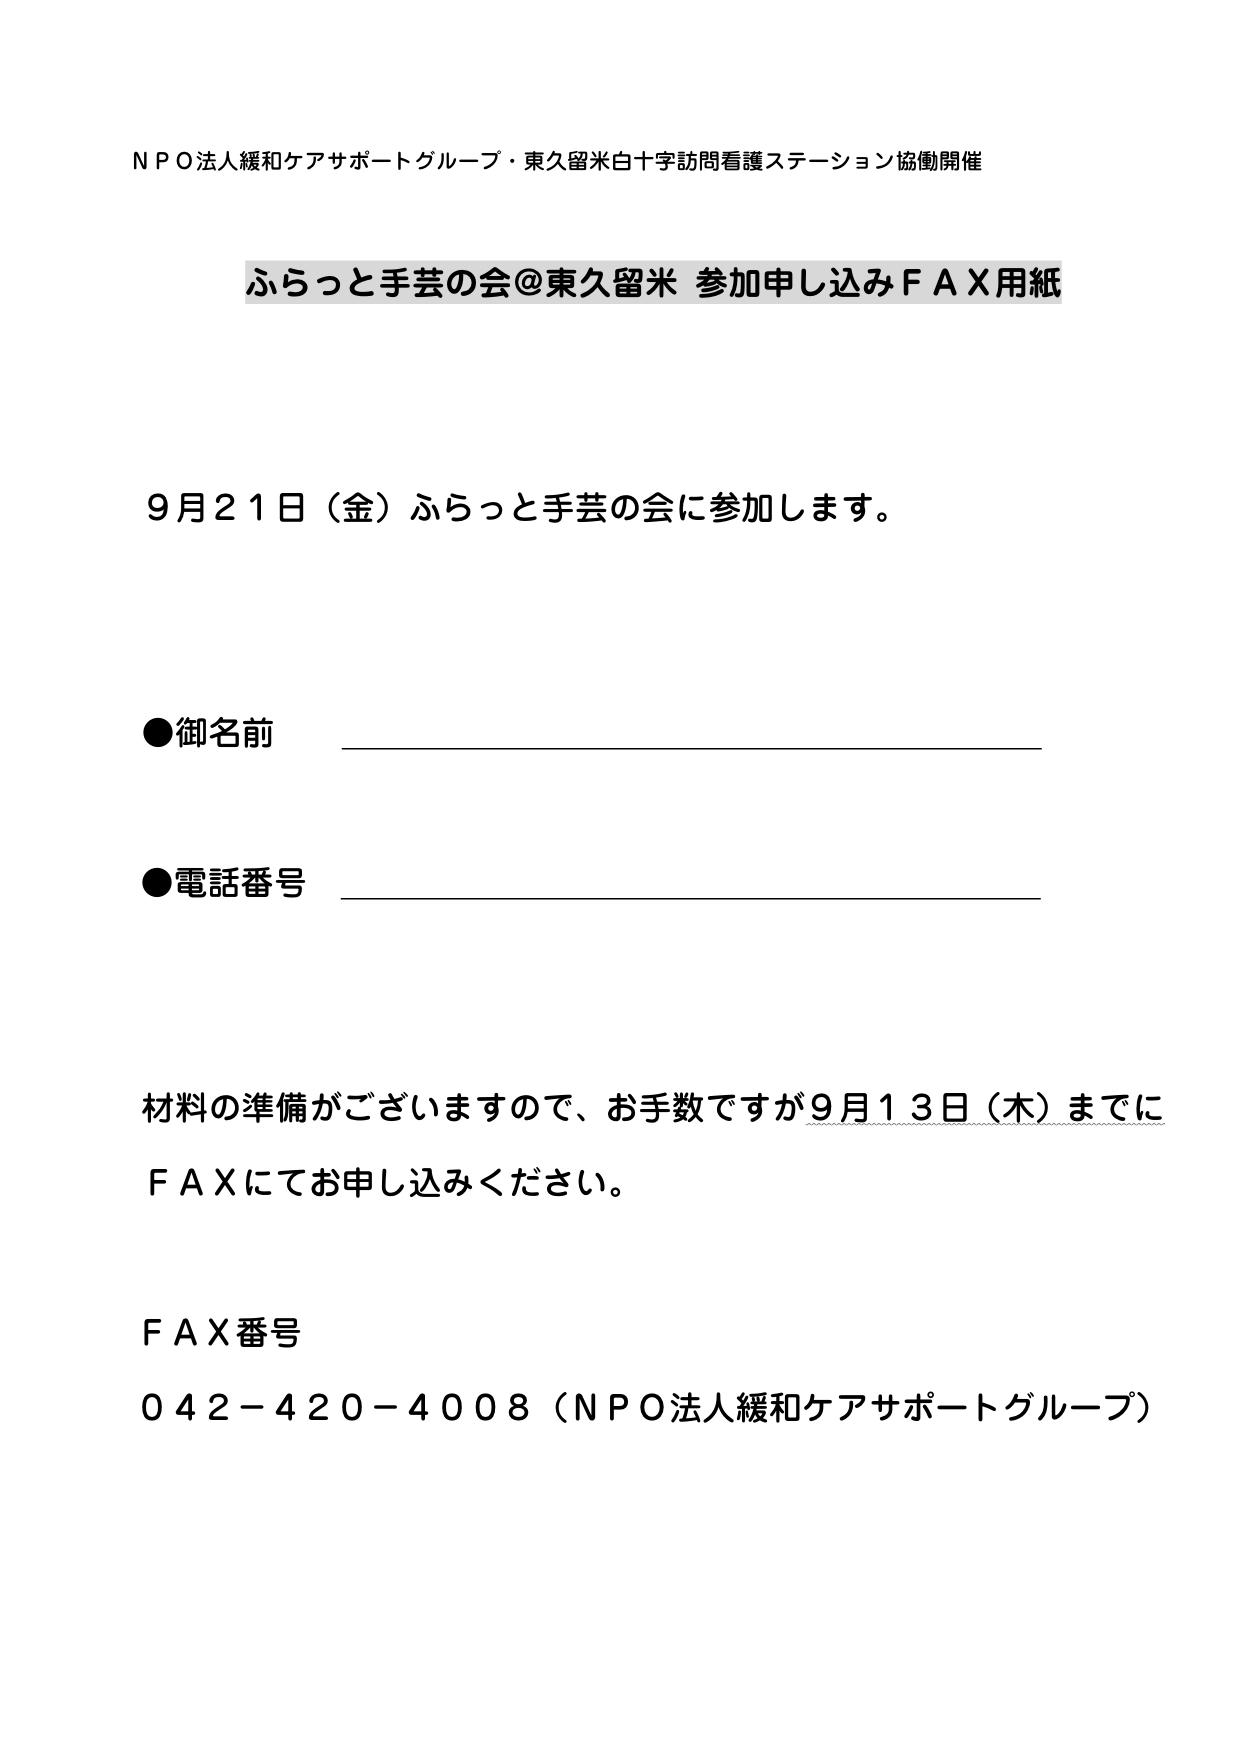 第2回ふらっと手芸の会 @ 東久留米へのお誘い_e0167087_9223366.jpg